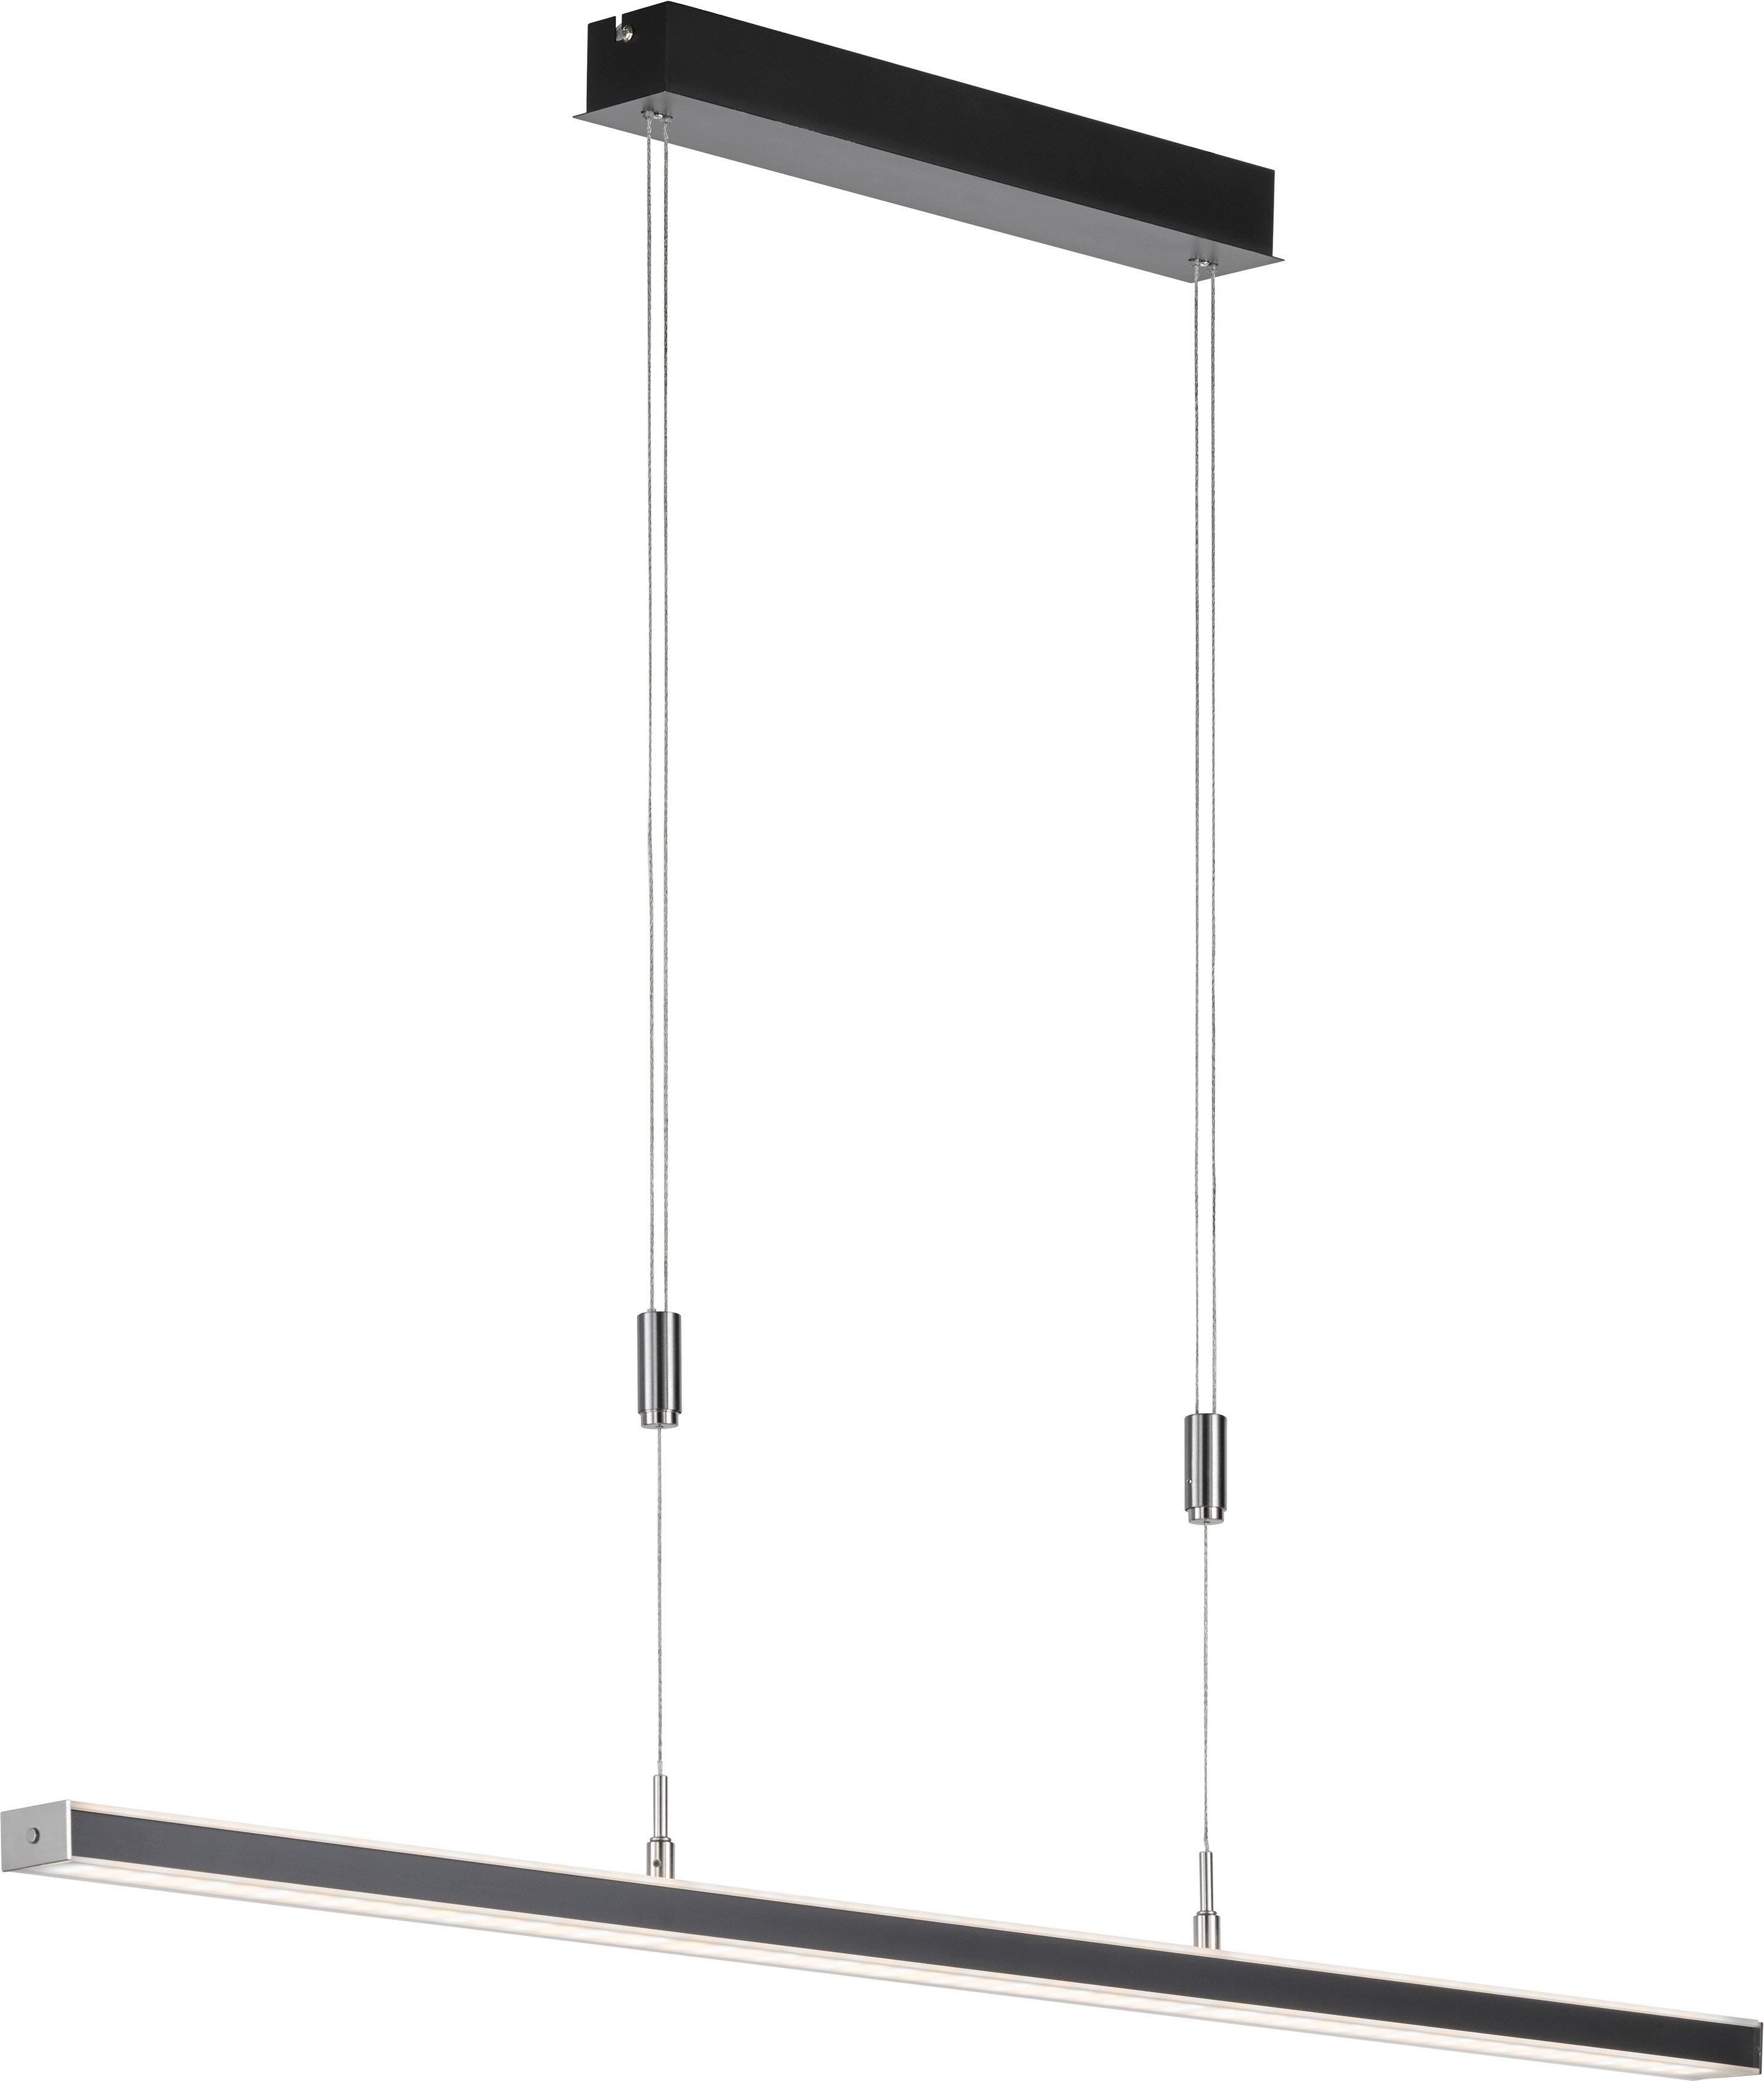 Honsel Leuchten led-hanglamp Vitan TW in de webshop van OTTO kopen